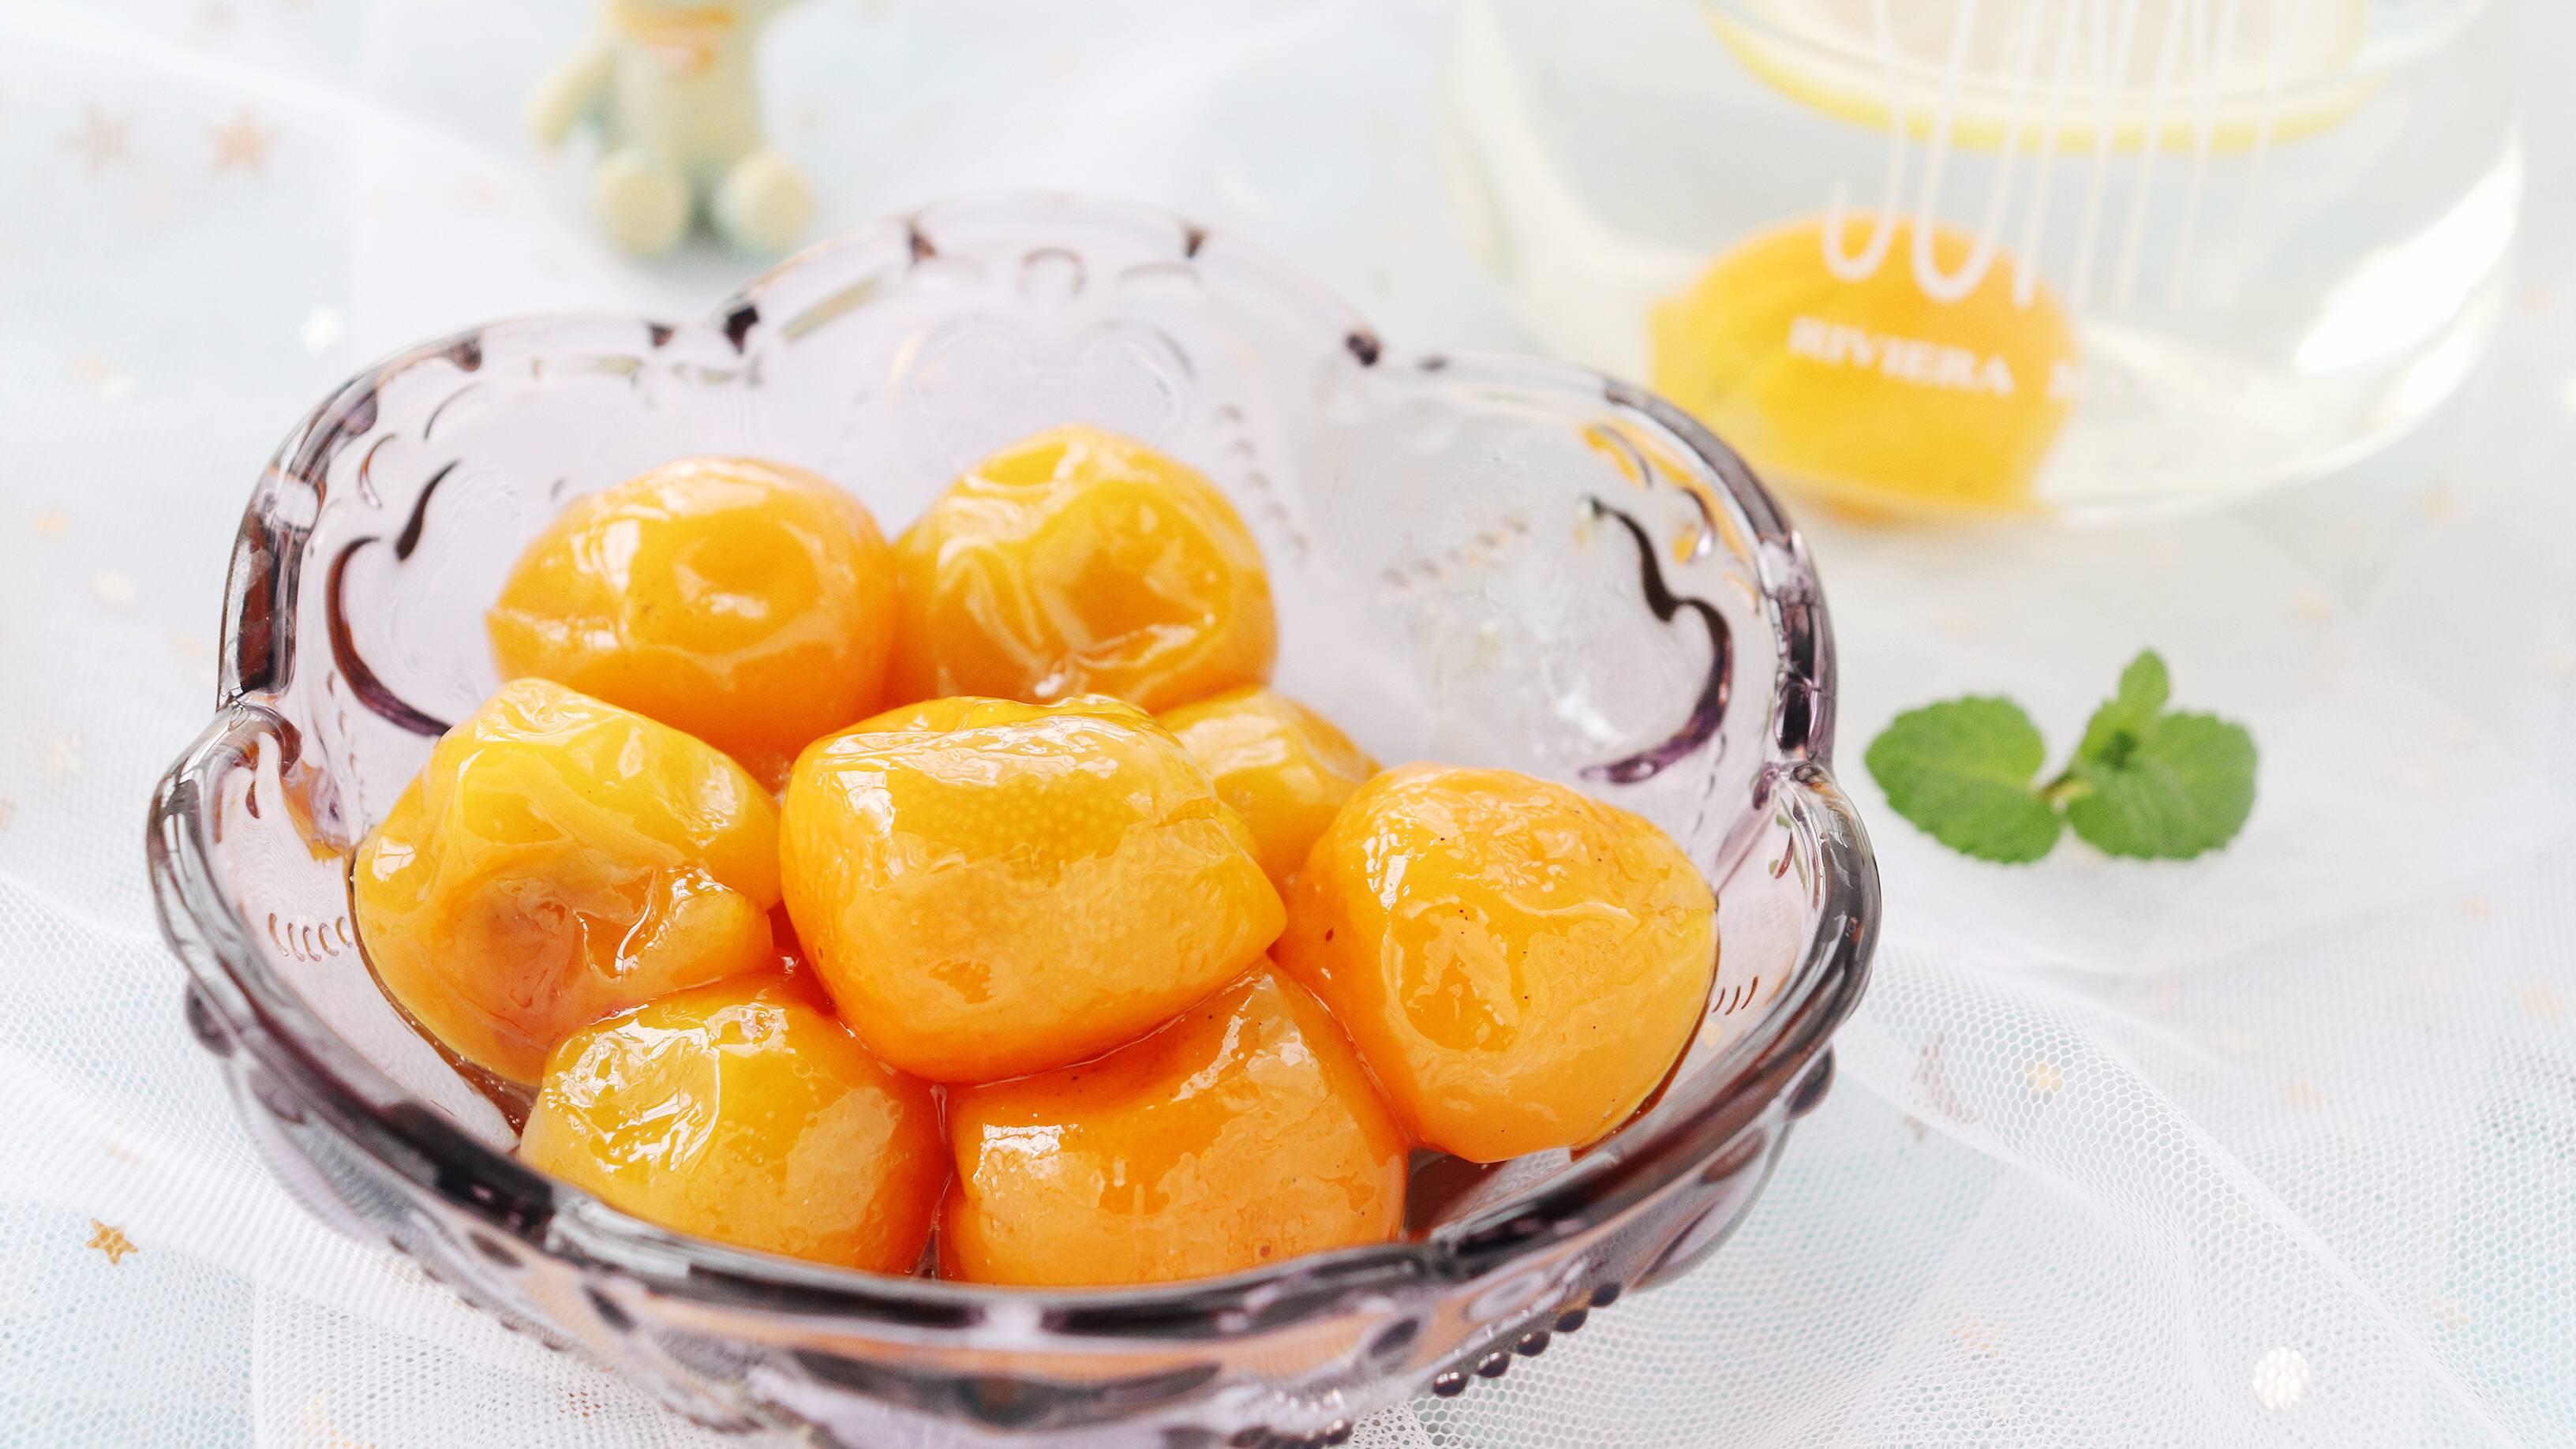 蜜饯金桔 宝宝零食,小月龄的宝宝,拿来泡水喝。大一些的宝宝也可以直接食用。</p> <p>